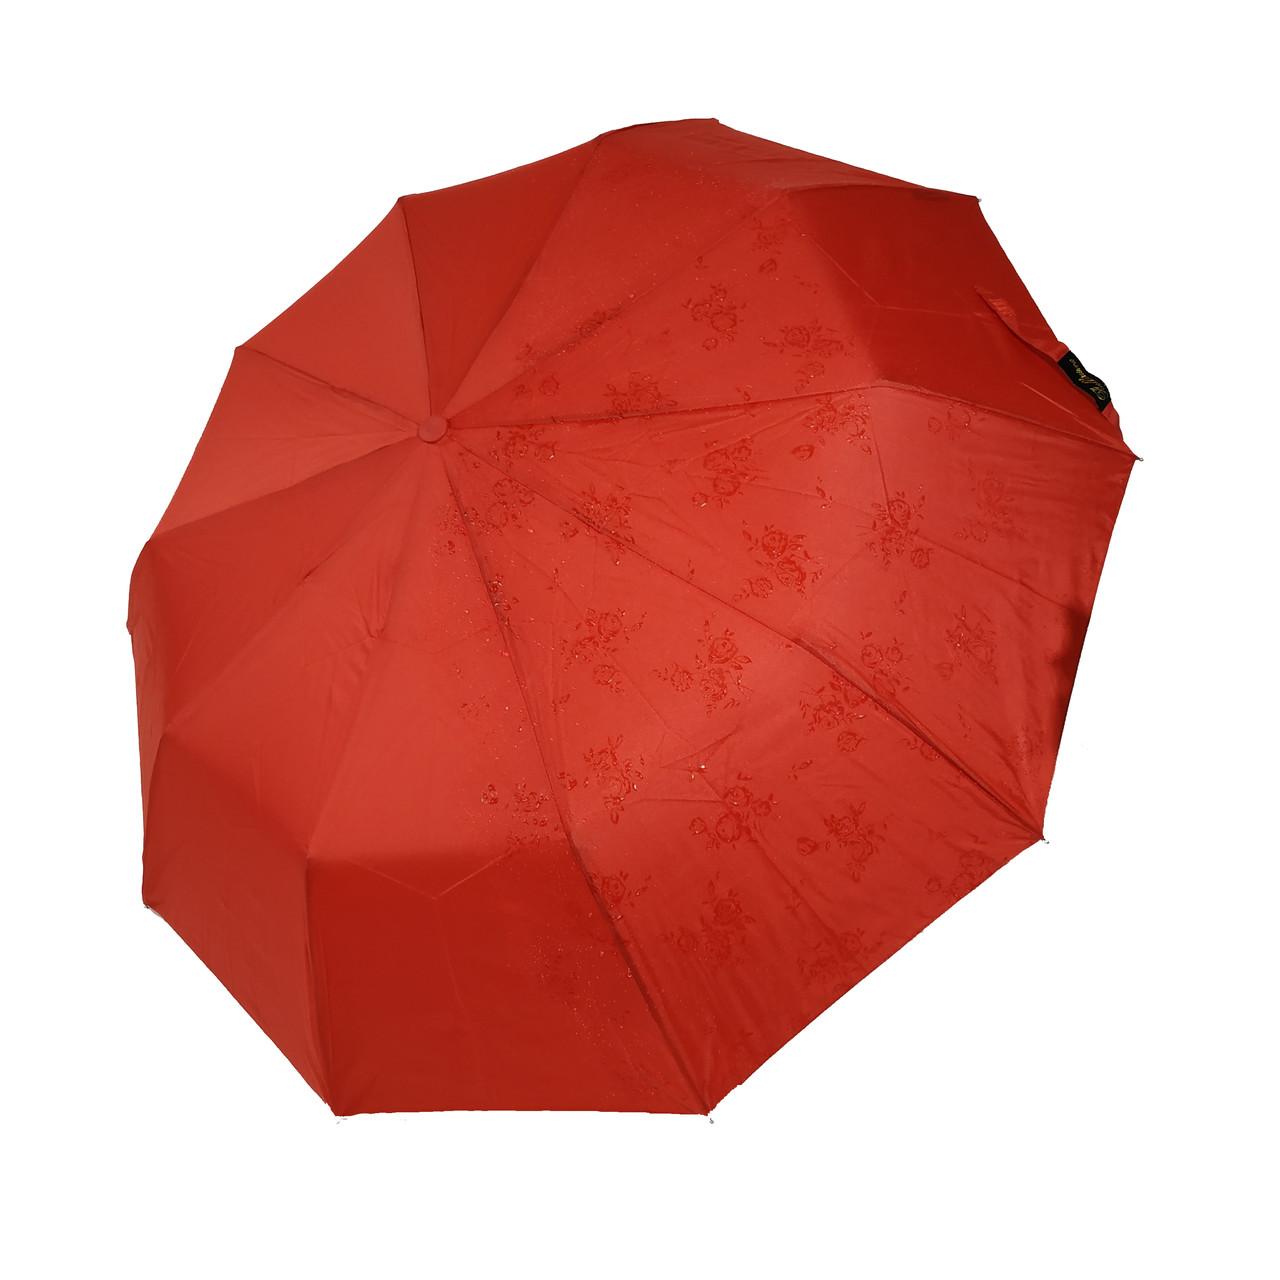 """Женский зонт-полуавтомат на 10 спиц Bellisimo """"Flower land"""", проявка, красный цвет, 461-6"""